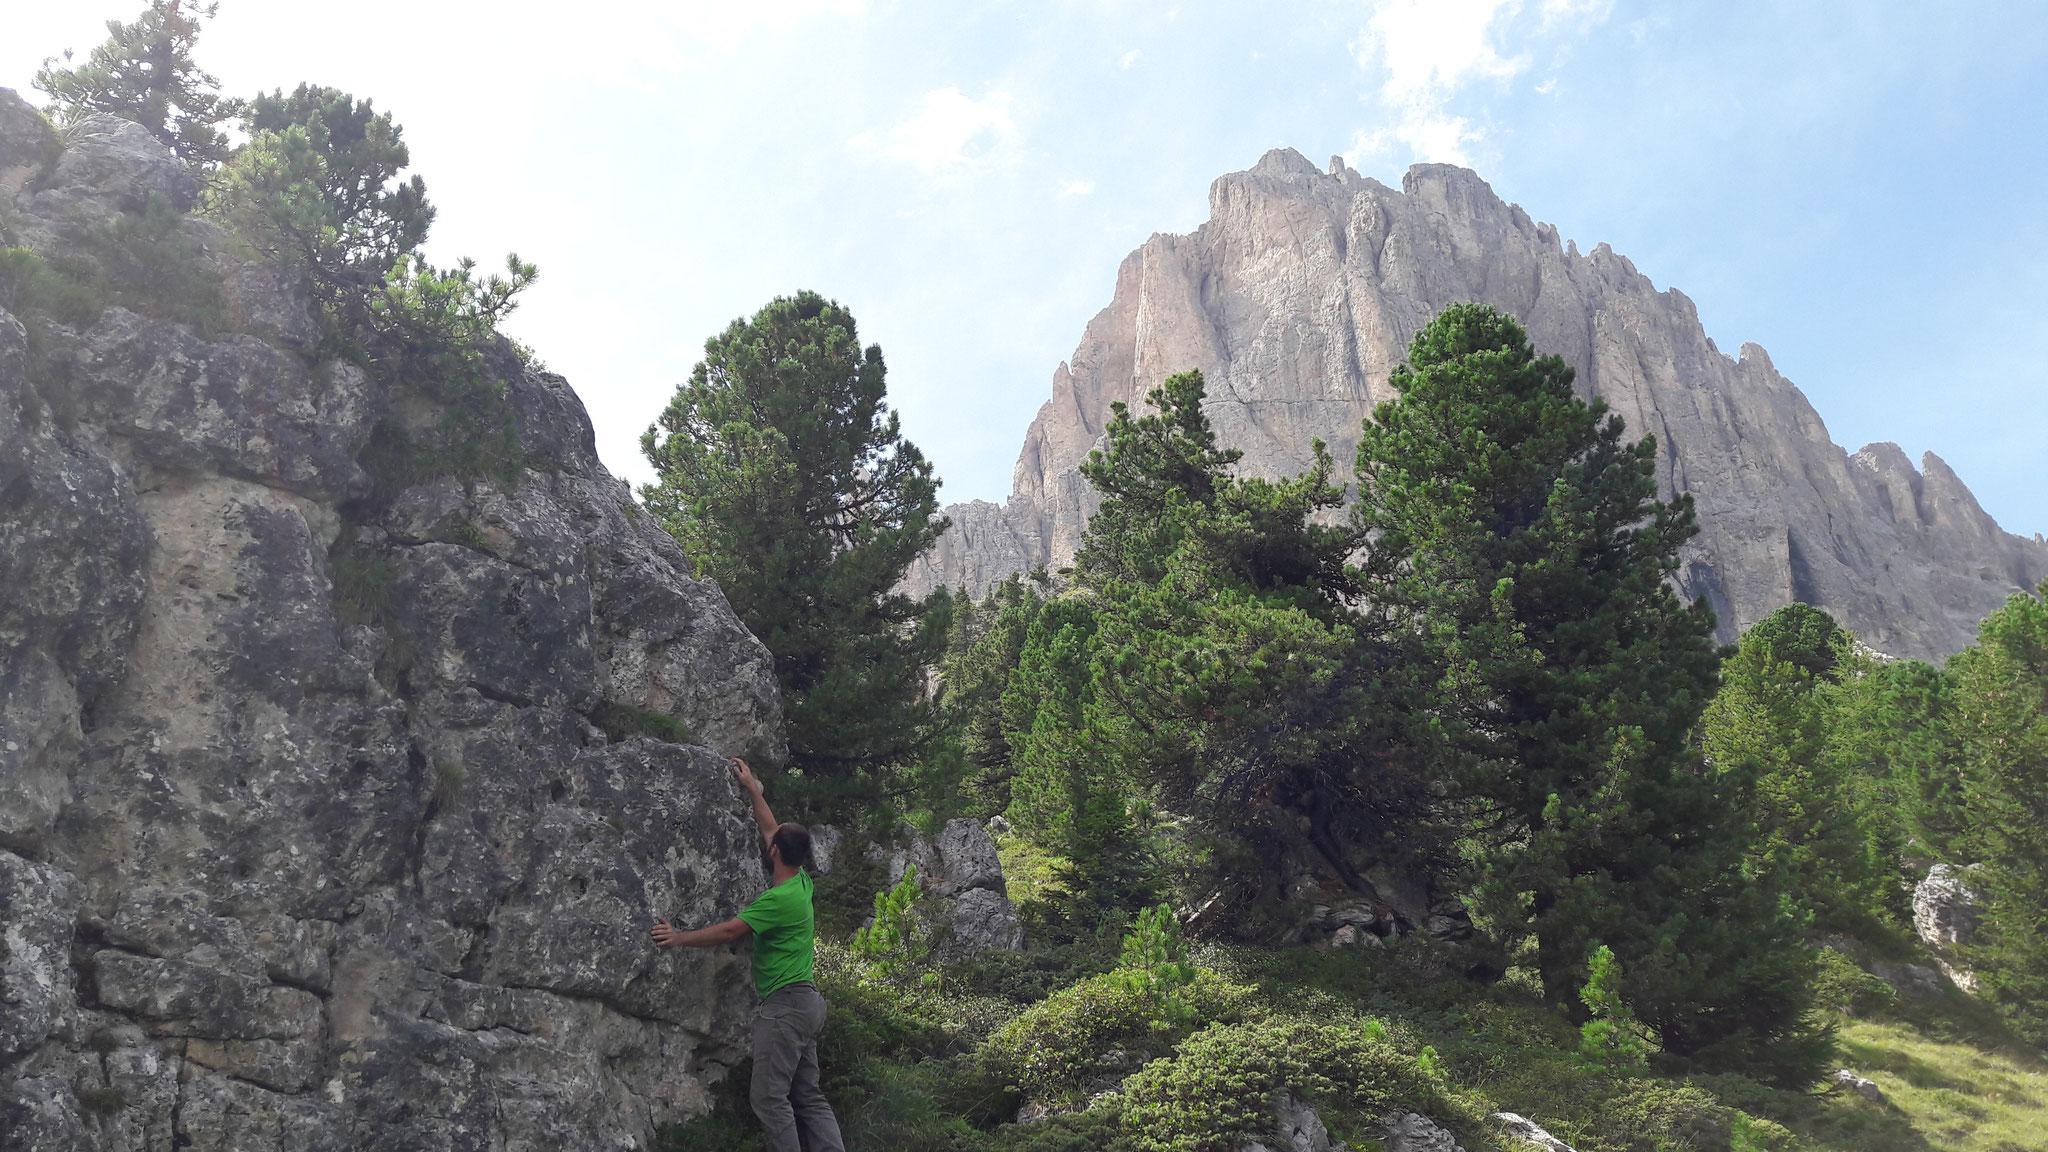 Boulderplausch in der steinernen Stadt beim Passo del Sella